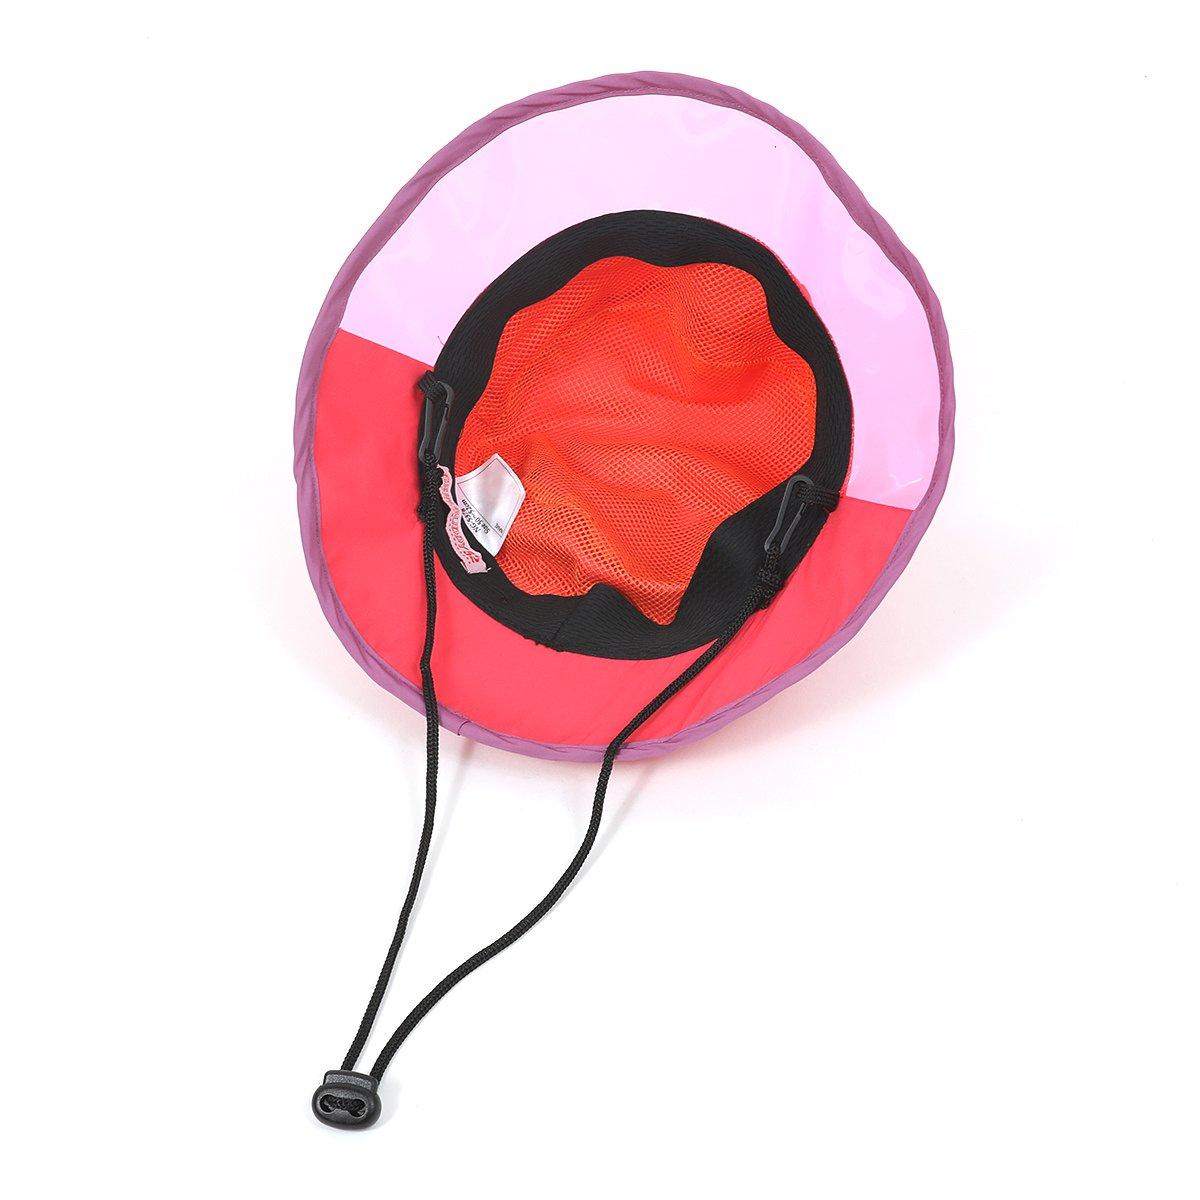 【KIDS】Rain PVC Hat 詳細画像6